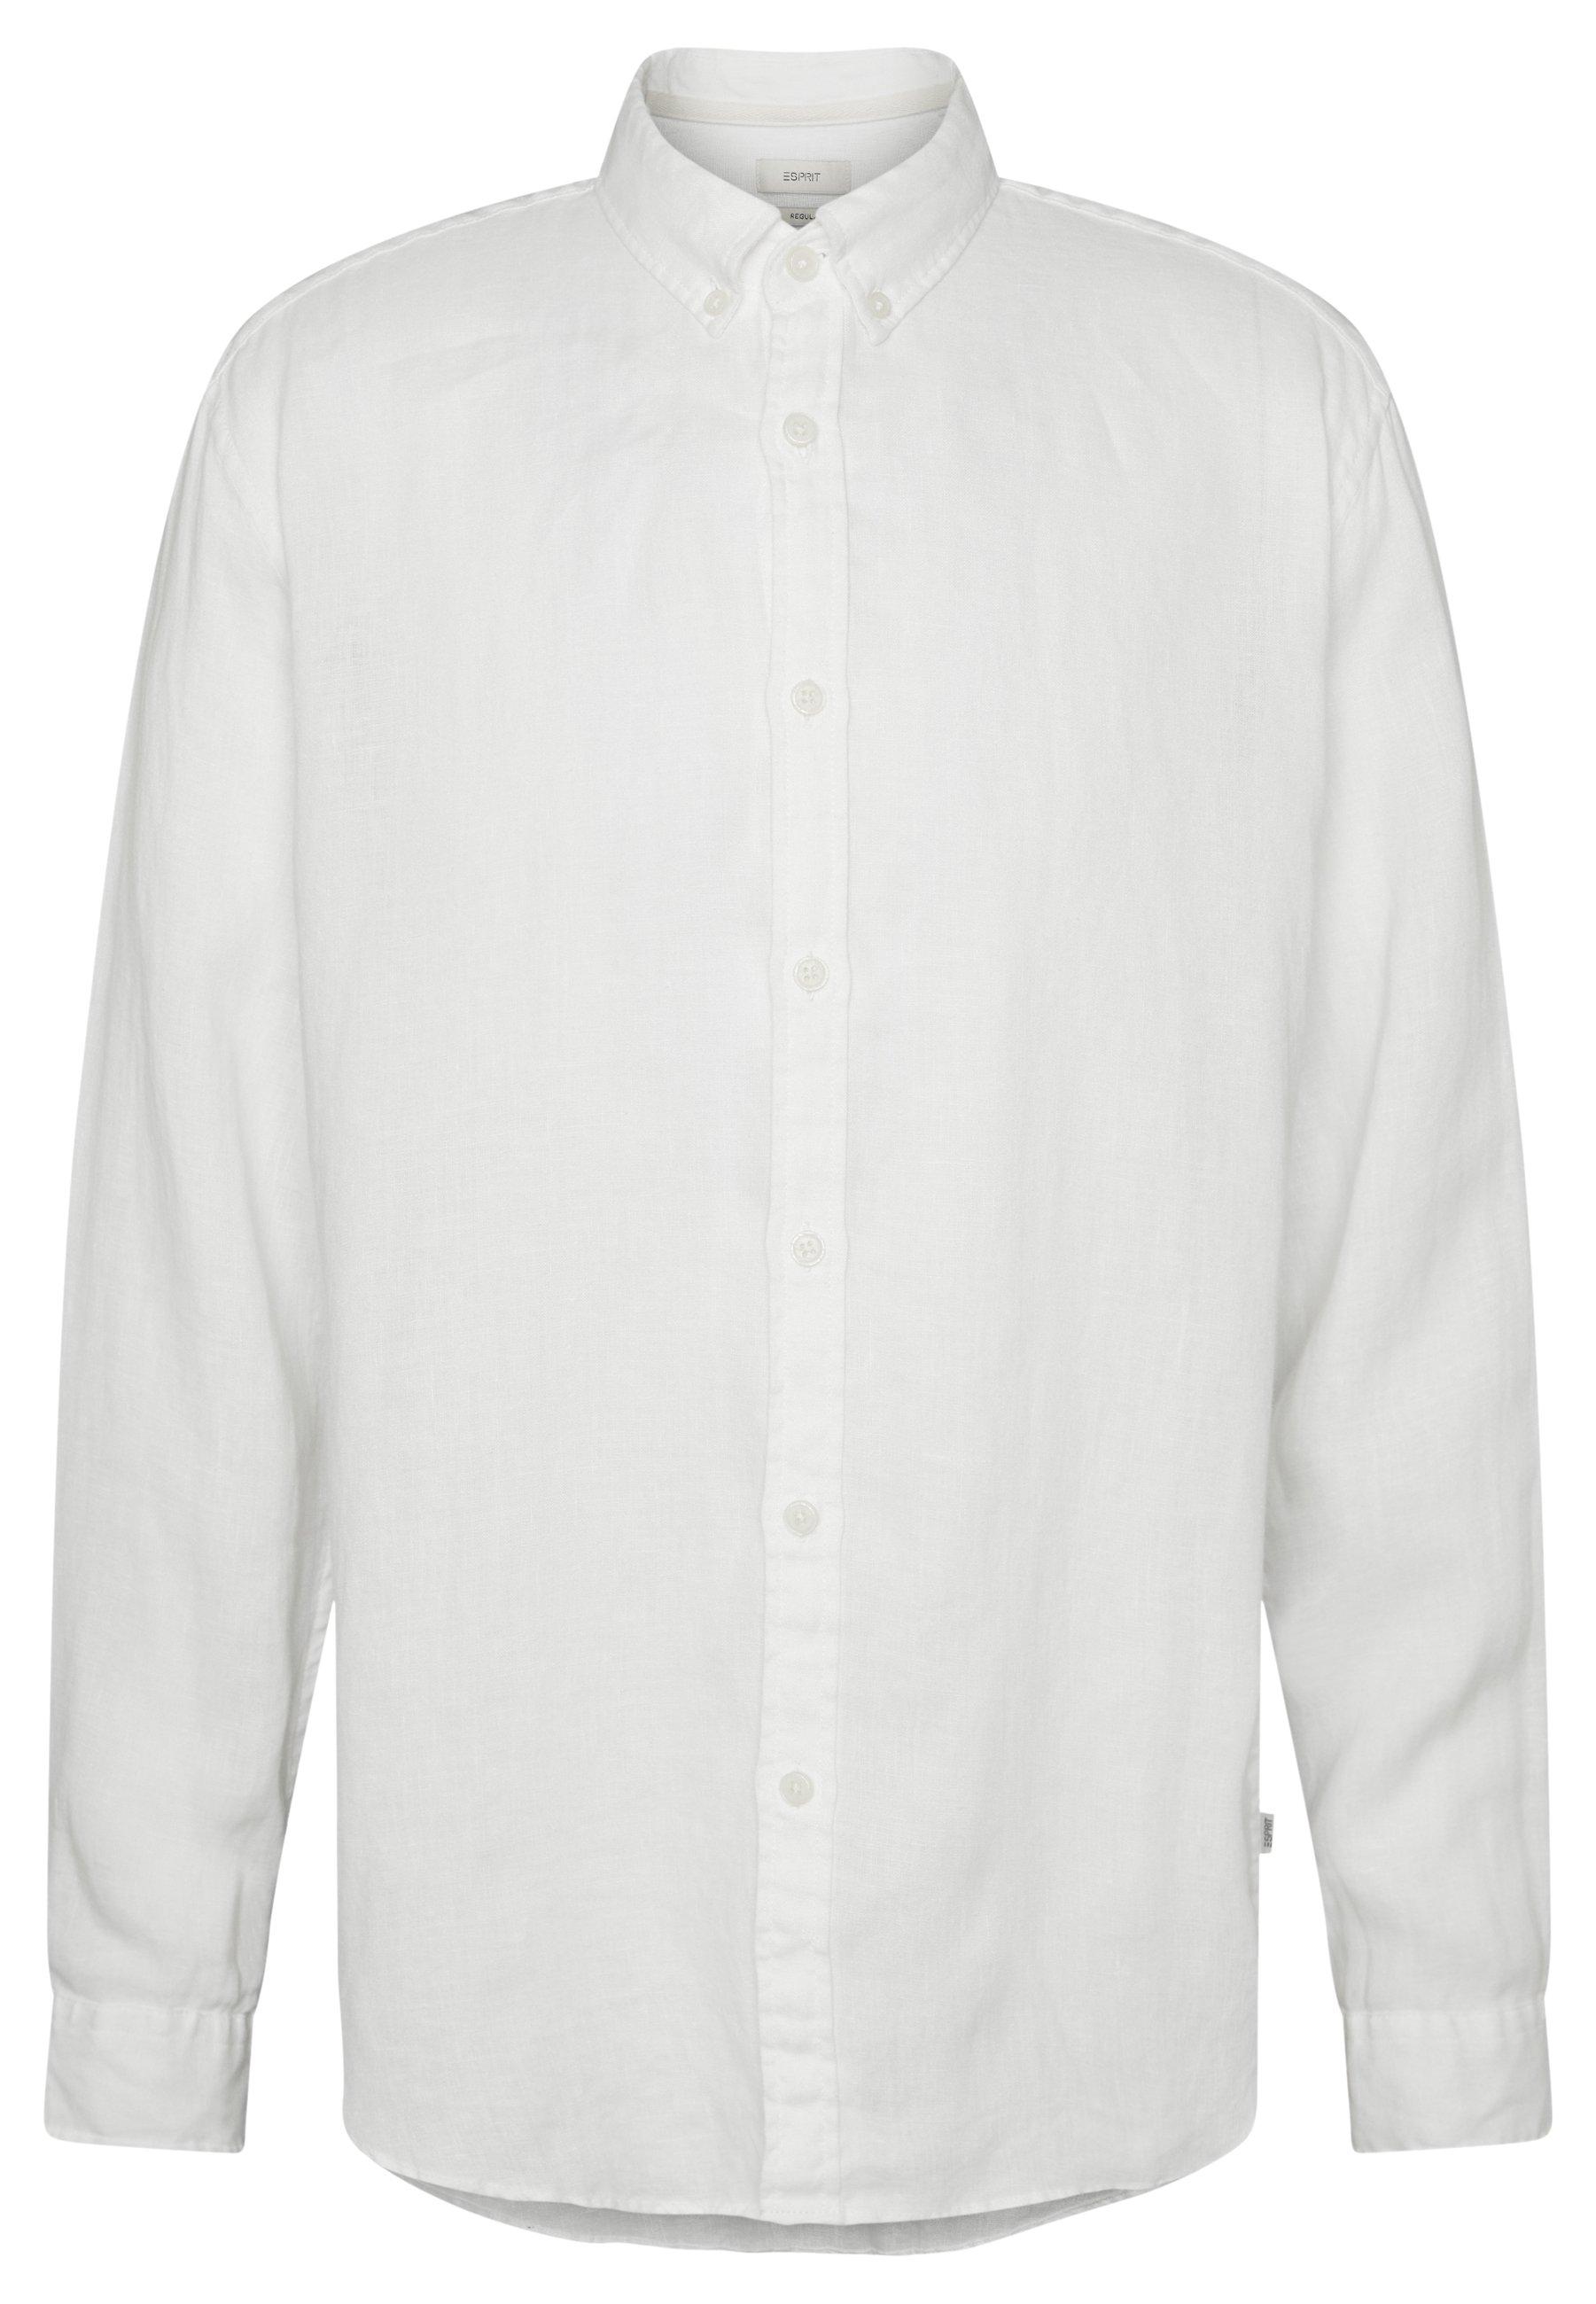 Esprit SOLIST SLIM FIT - Skjorte - white